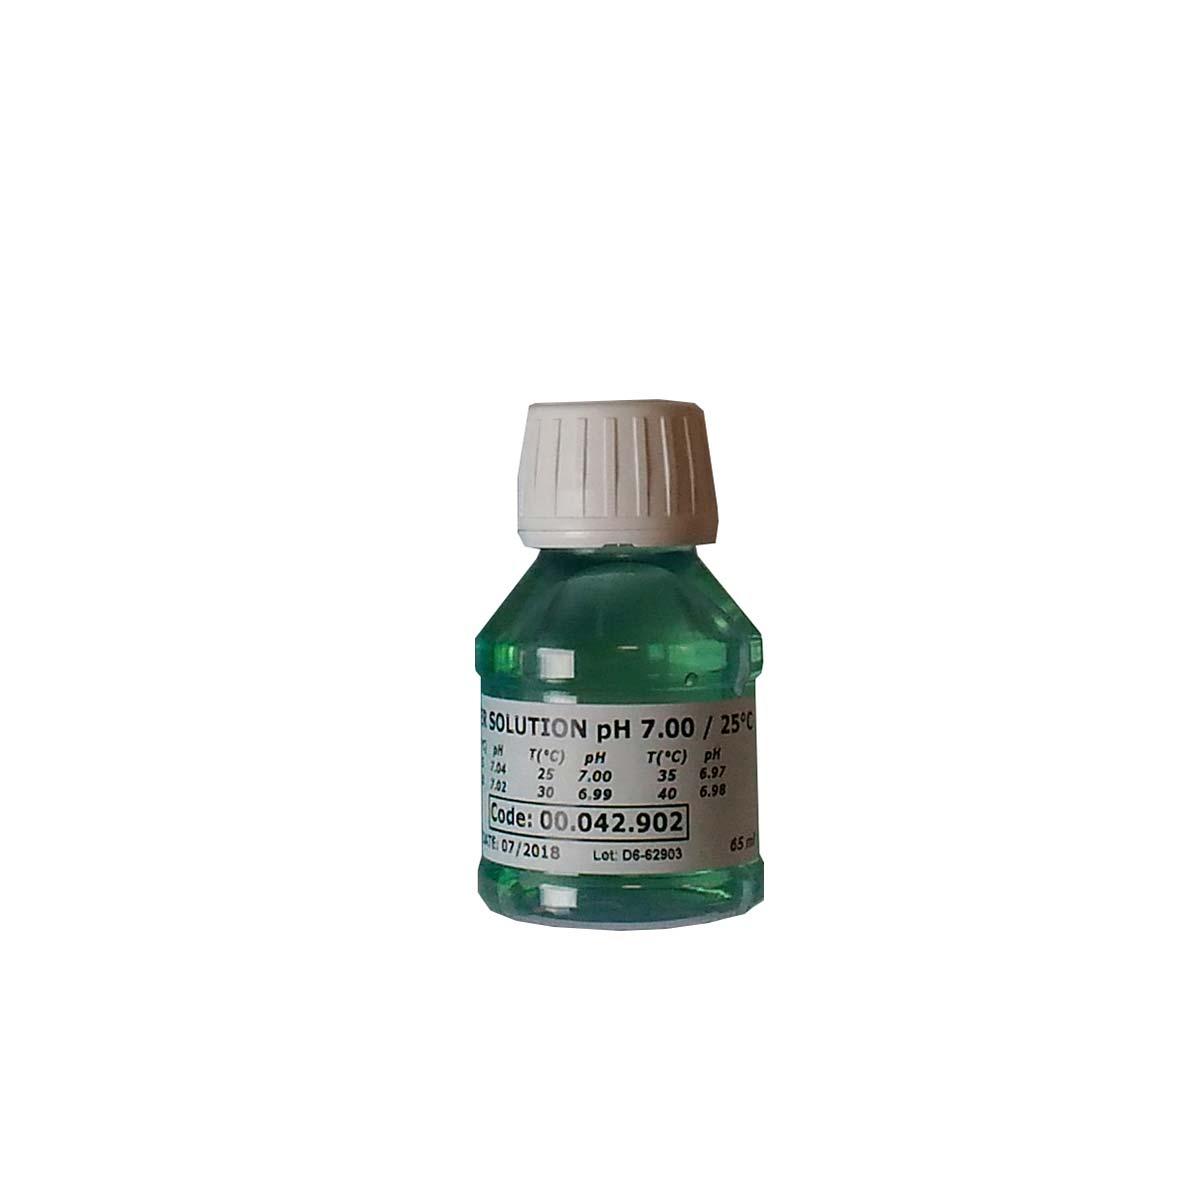 pH-Pufferlösung